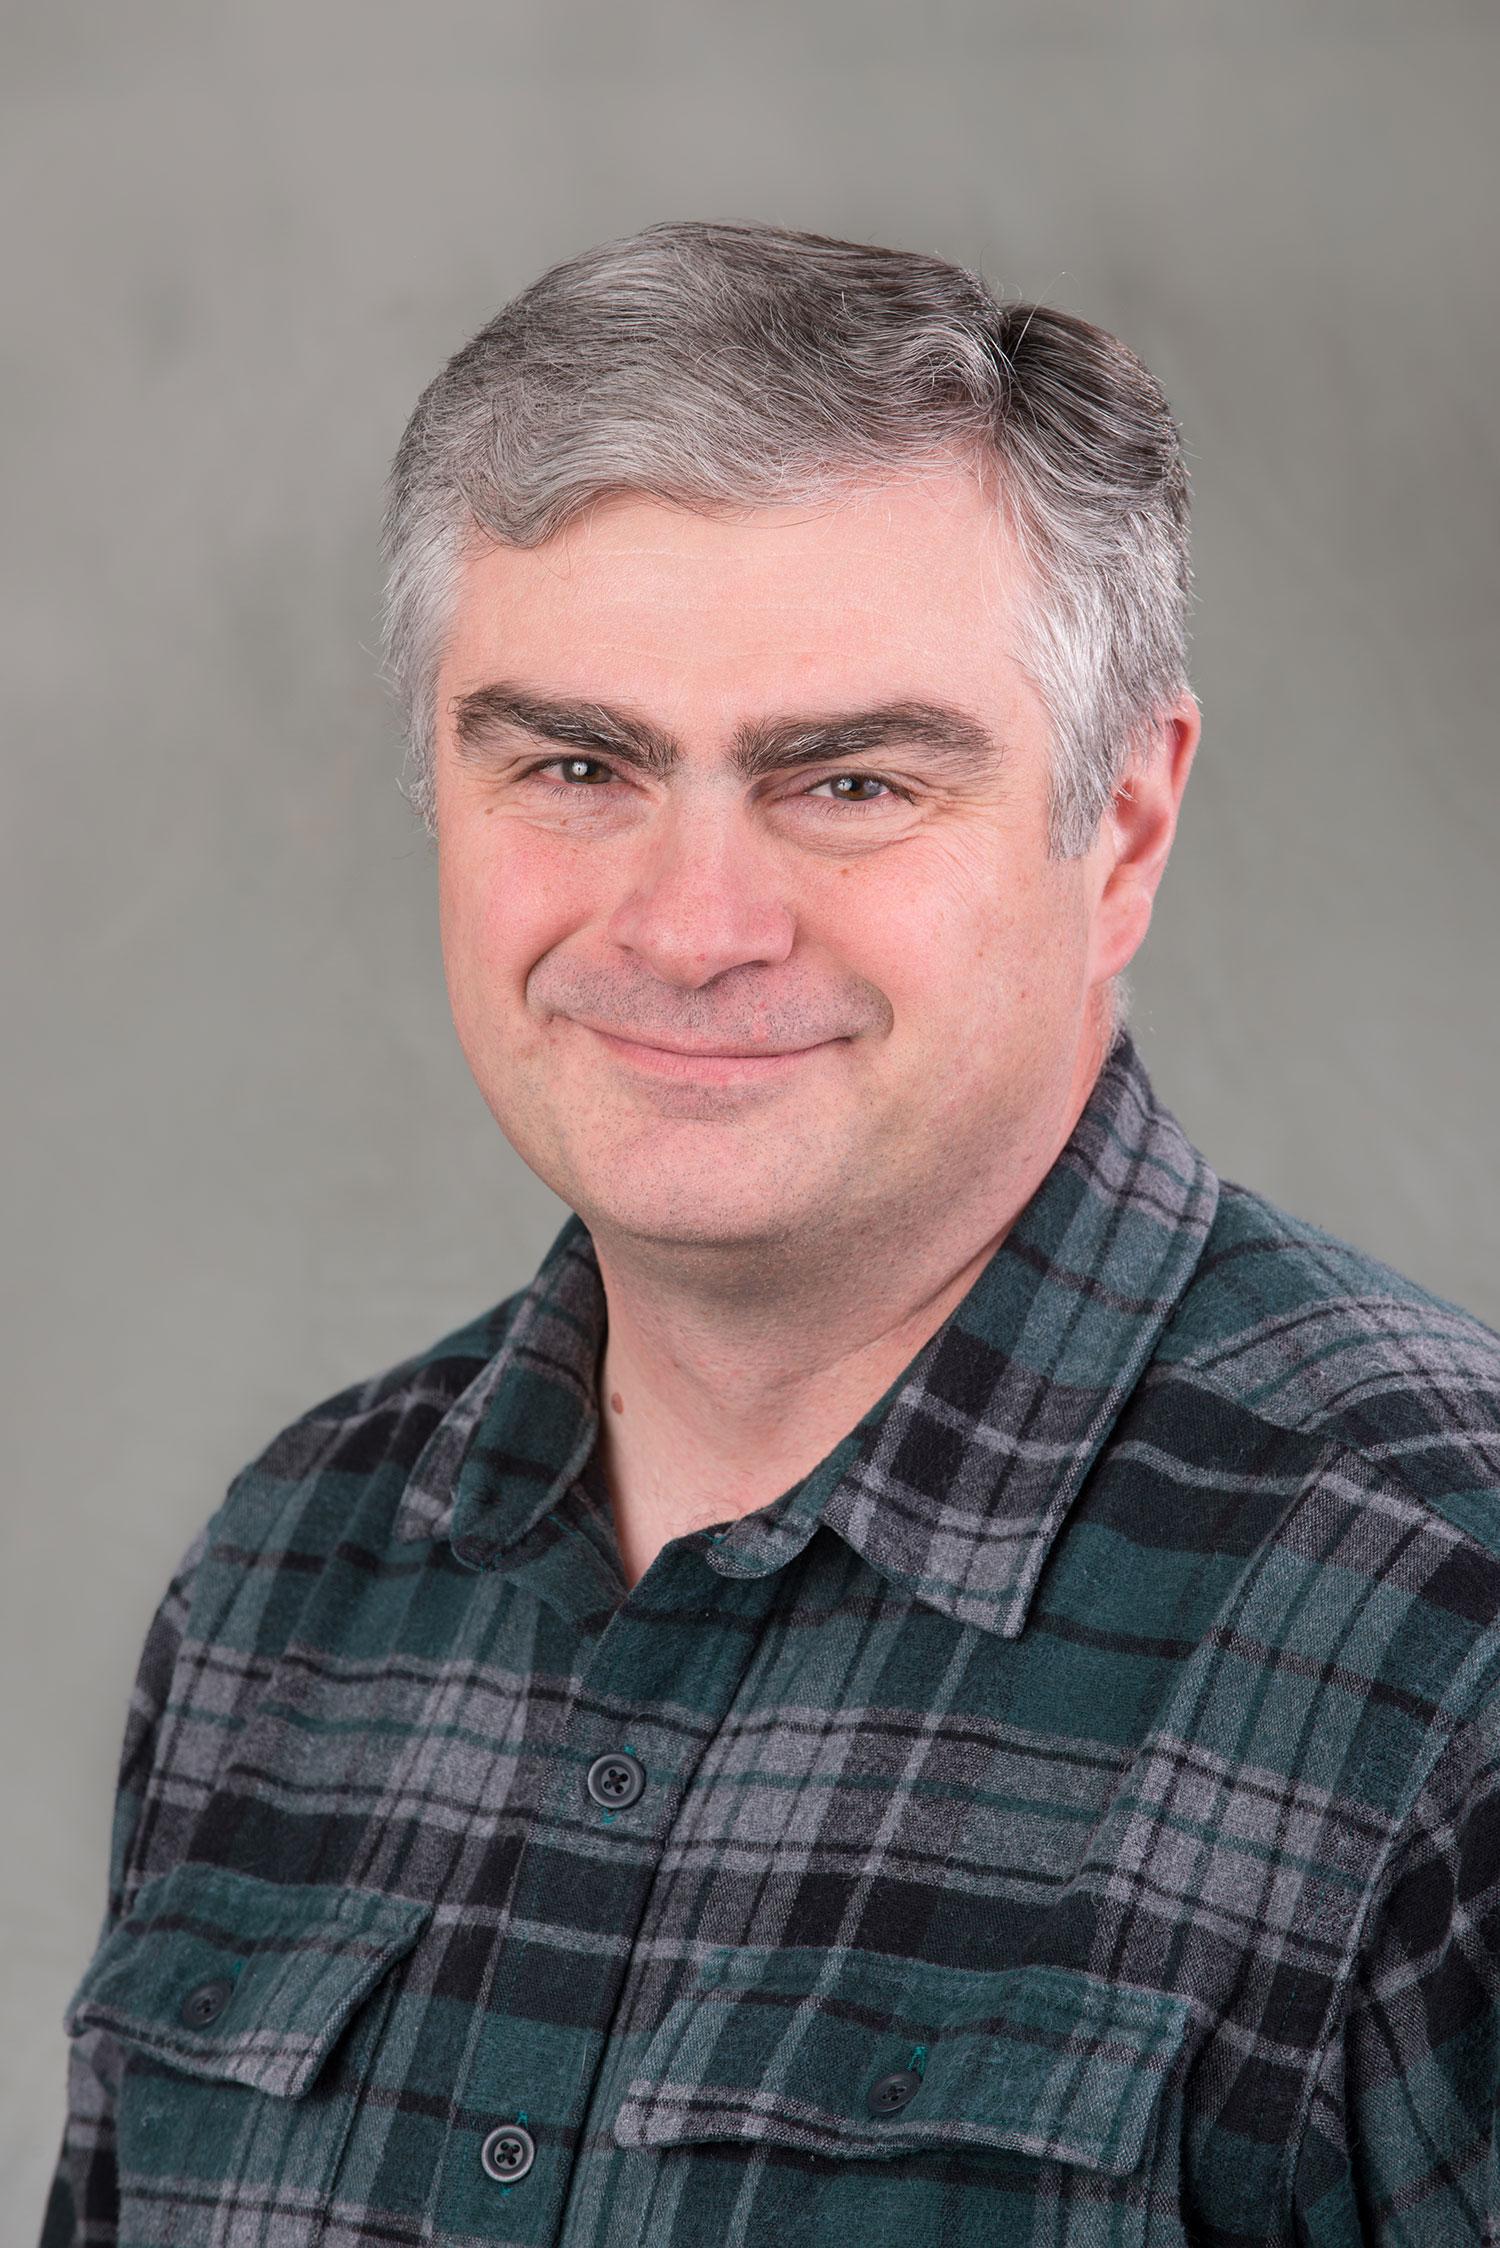 Ken Olmstead